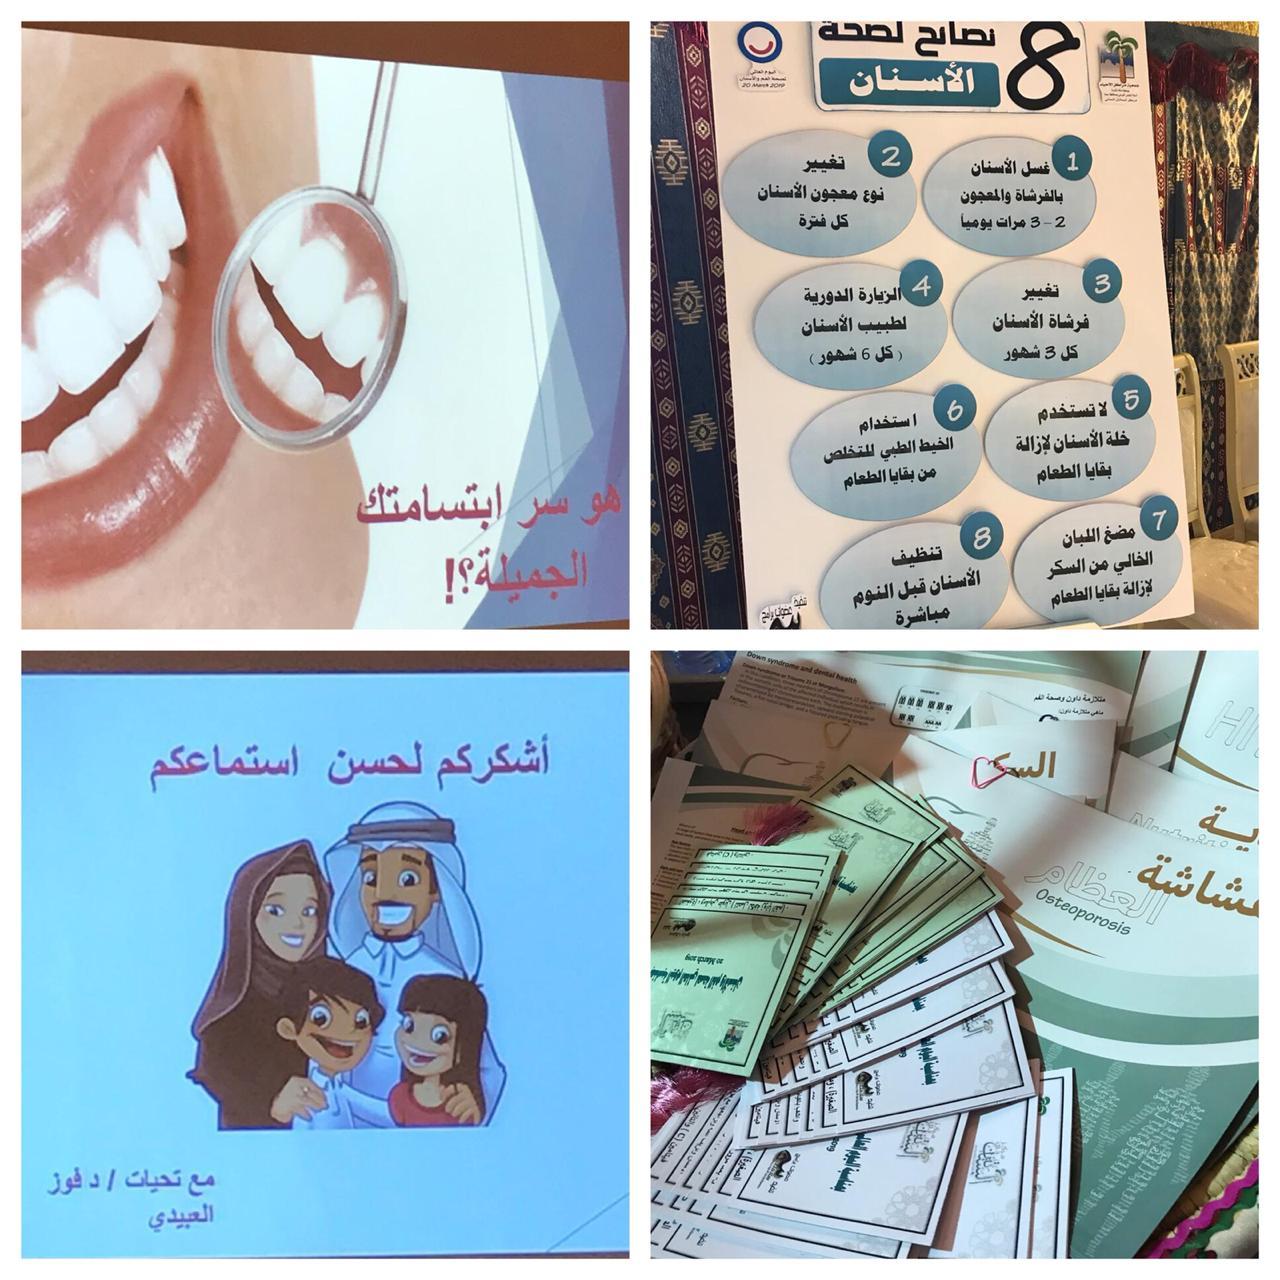 """مركز حي البساتين ينفذ برنامج """"سلامتك """" بمناسبة اليوم العالمي لصحة الفم والأسنان"""